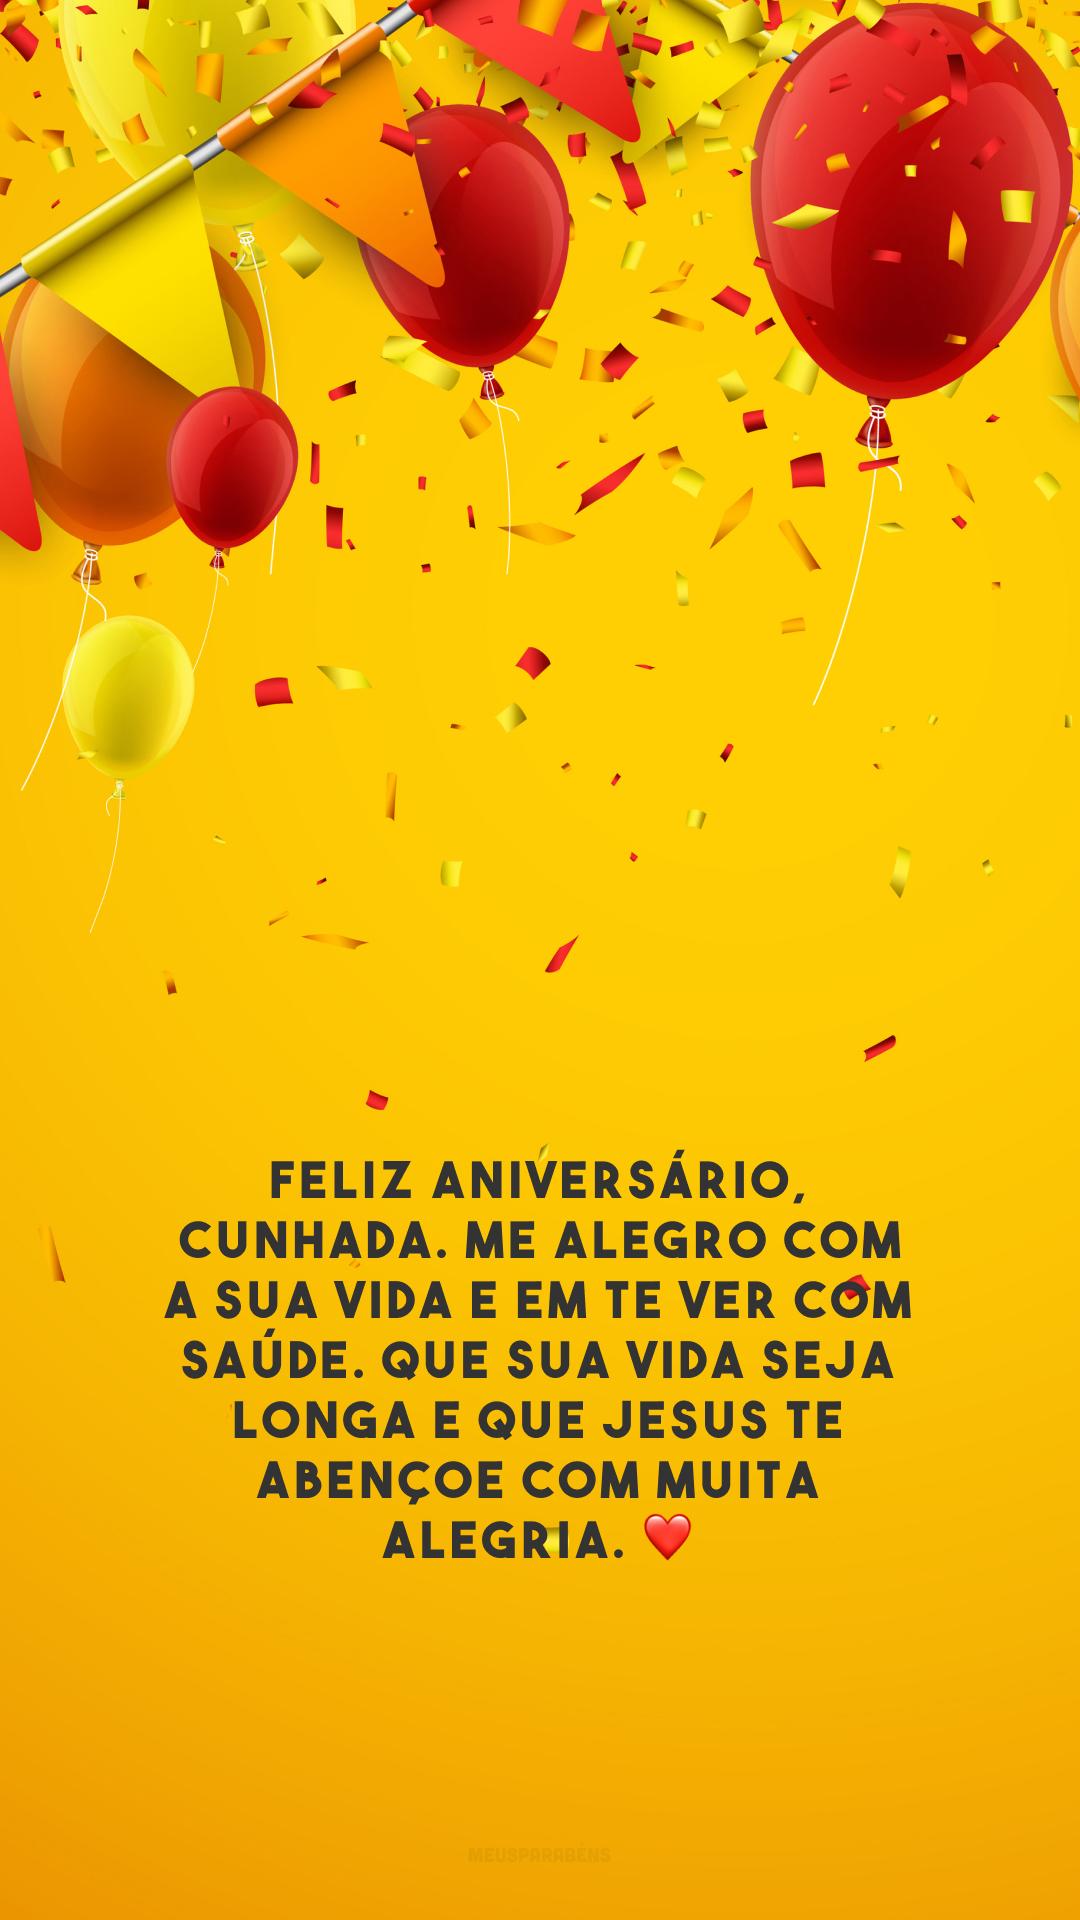 Feliz aniversário, cunhada. Me alegro com a sua vida e em te ver com saúde. Que sua vida seja longa e que Jesus te abençoe com muita alegria. ❤️